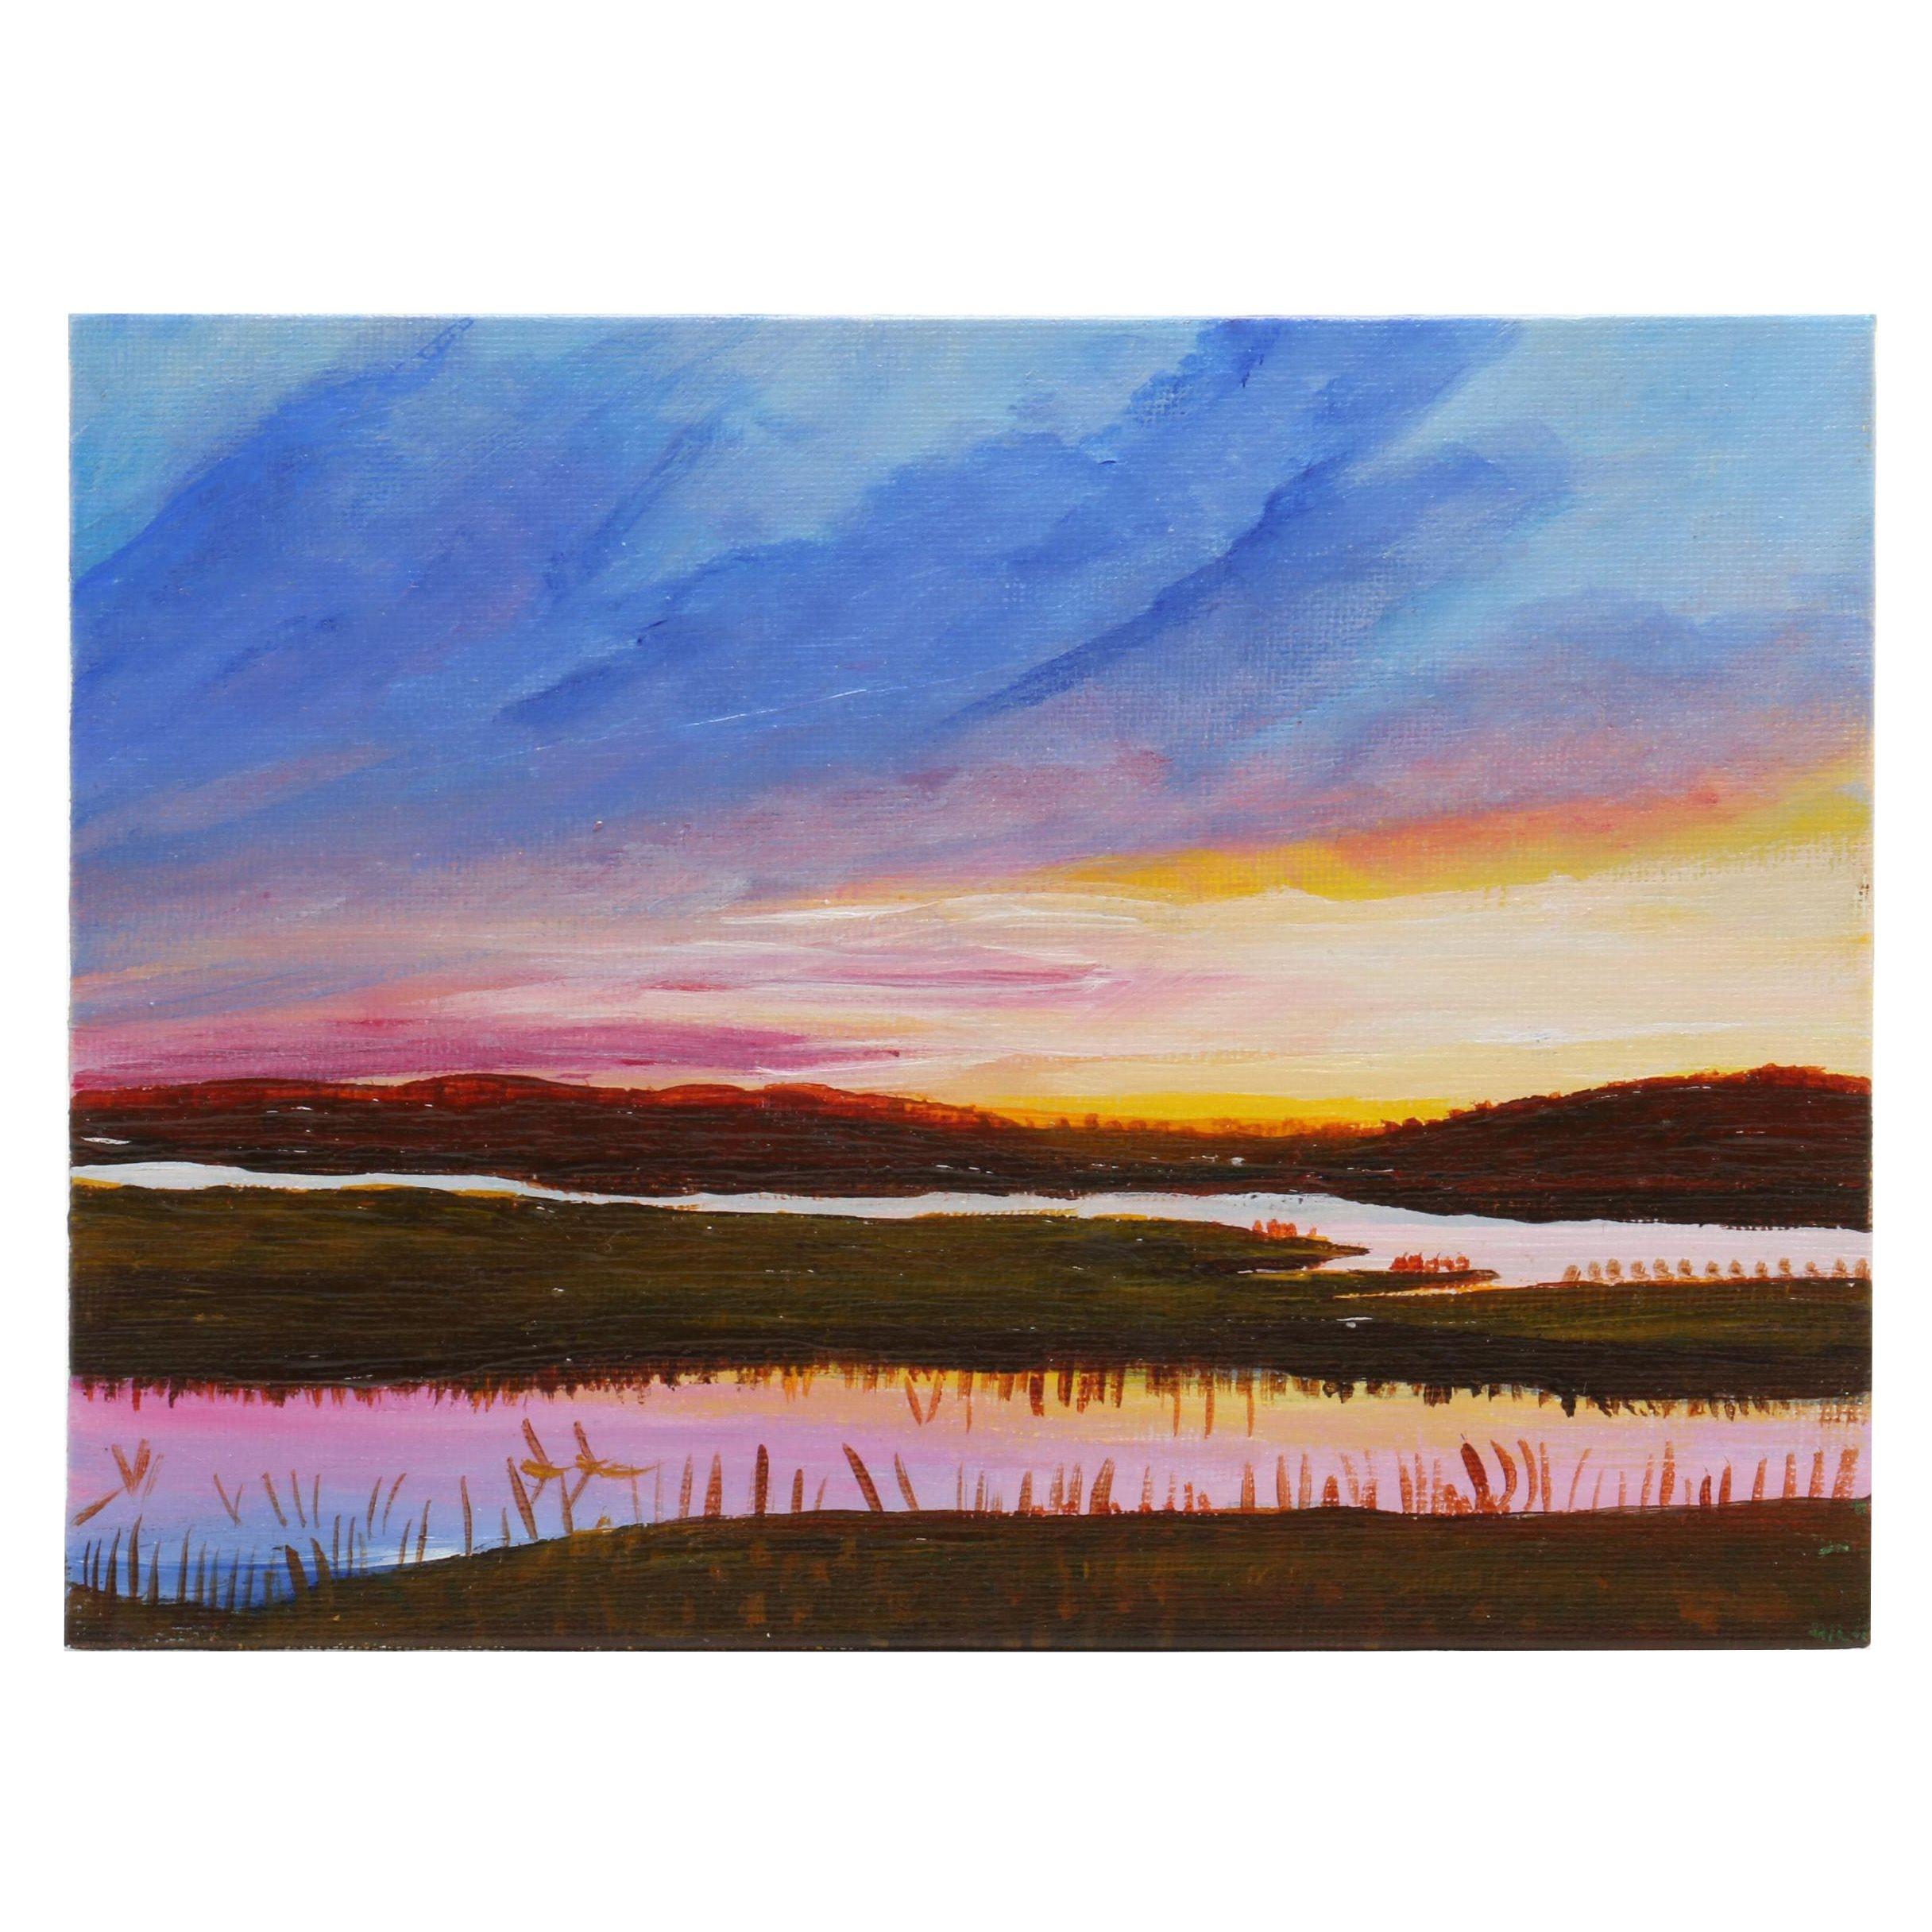 Elena Pronina Acrylic Painting of Landscape at Sunset